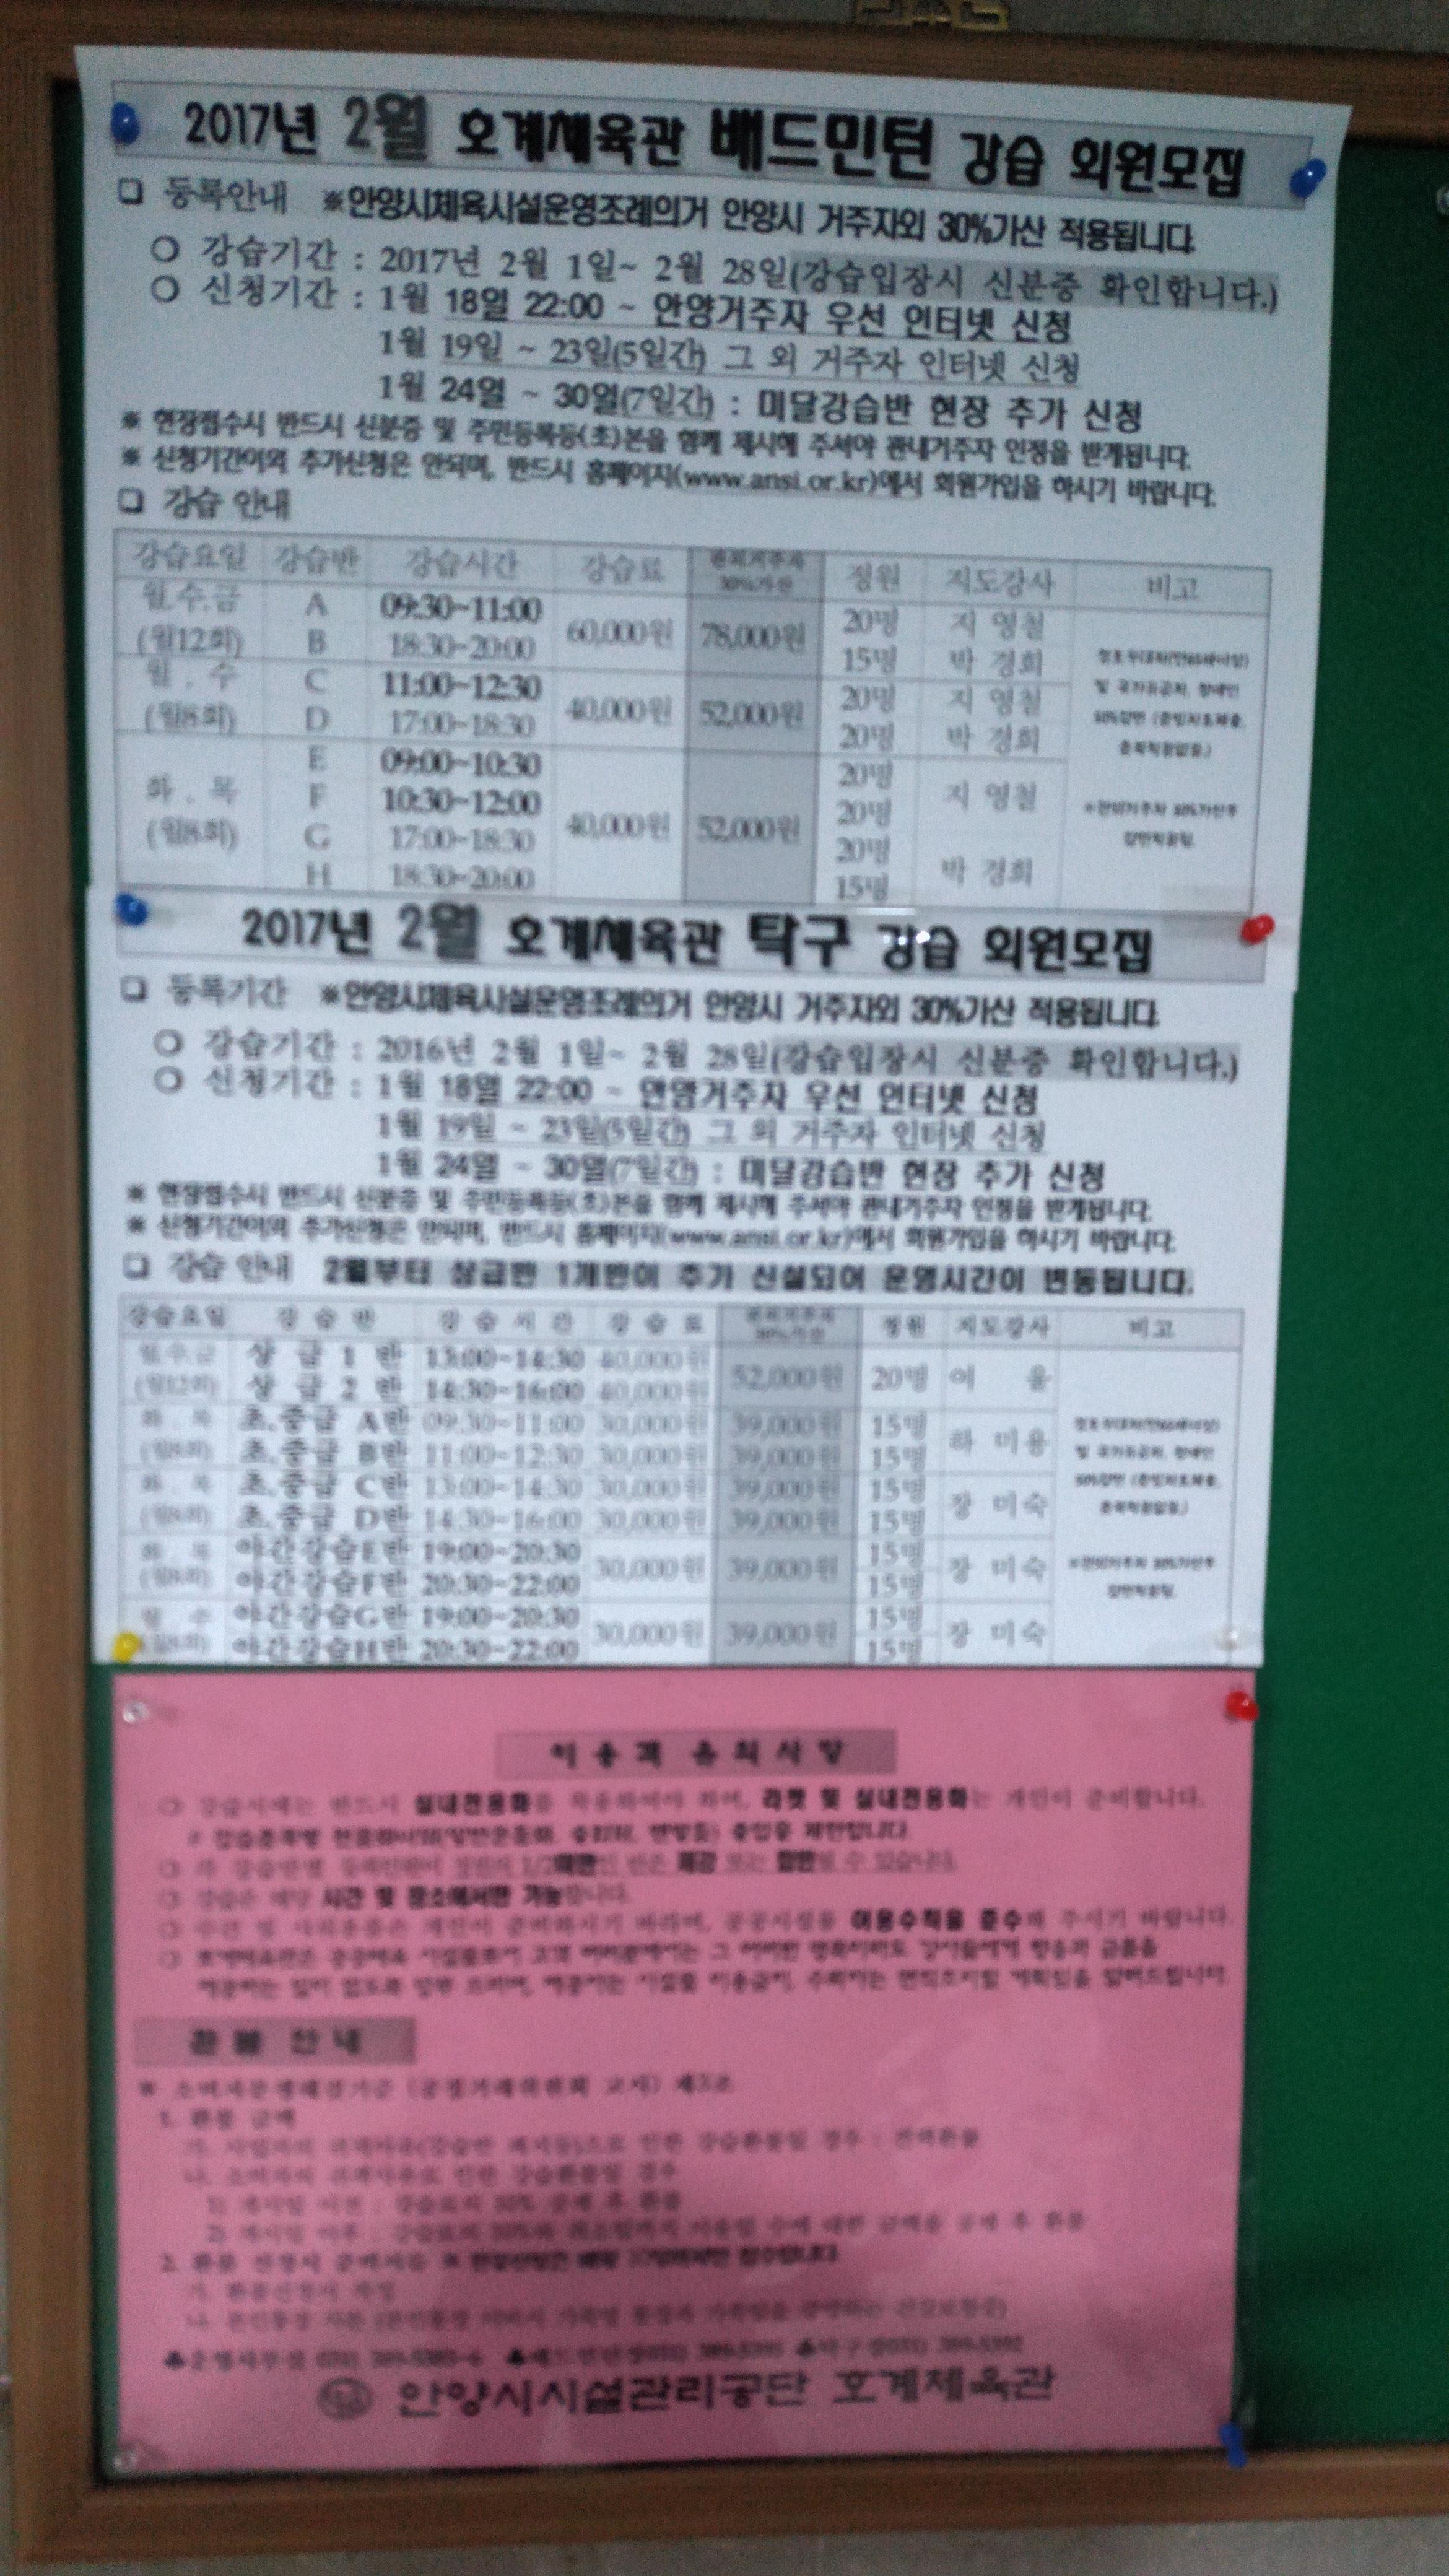 2017년 2월 호계체육관 강습 회원 모집 공고